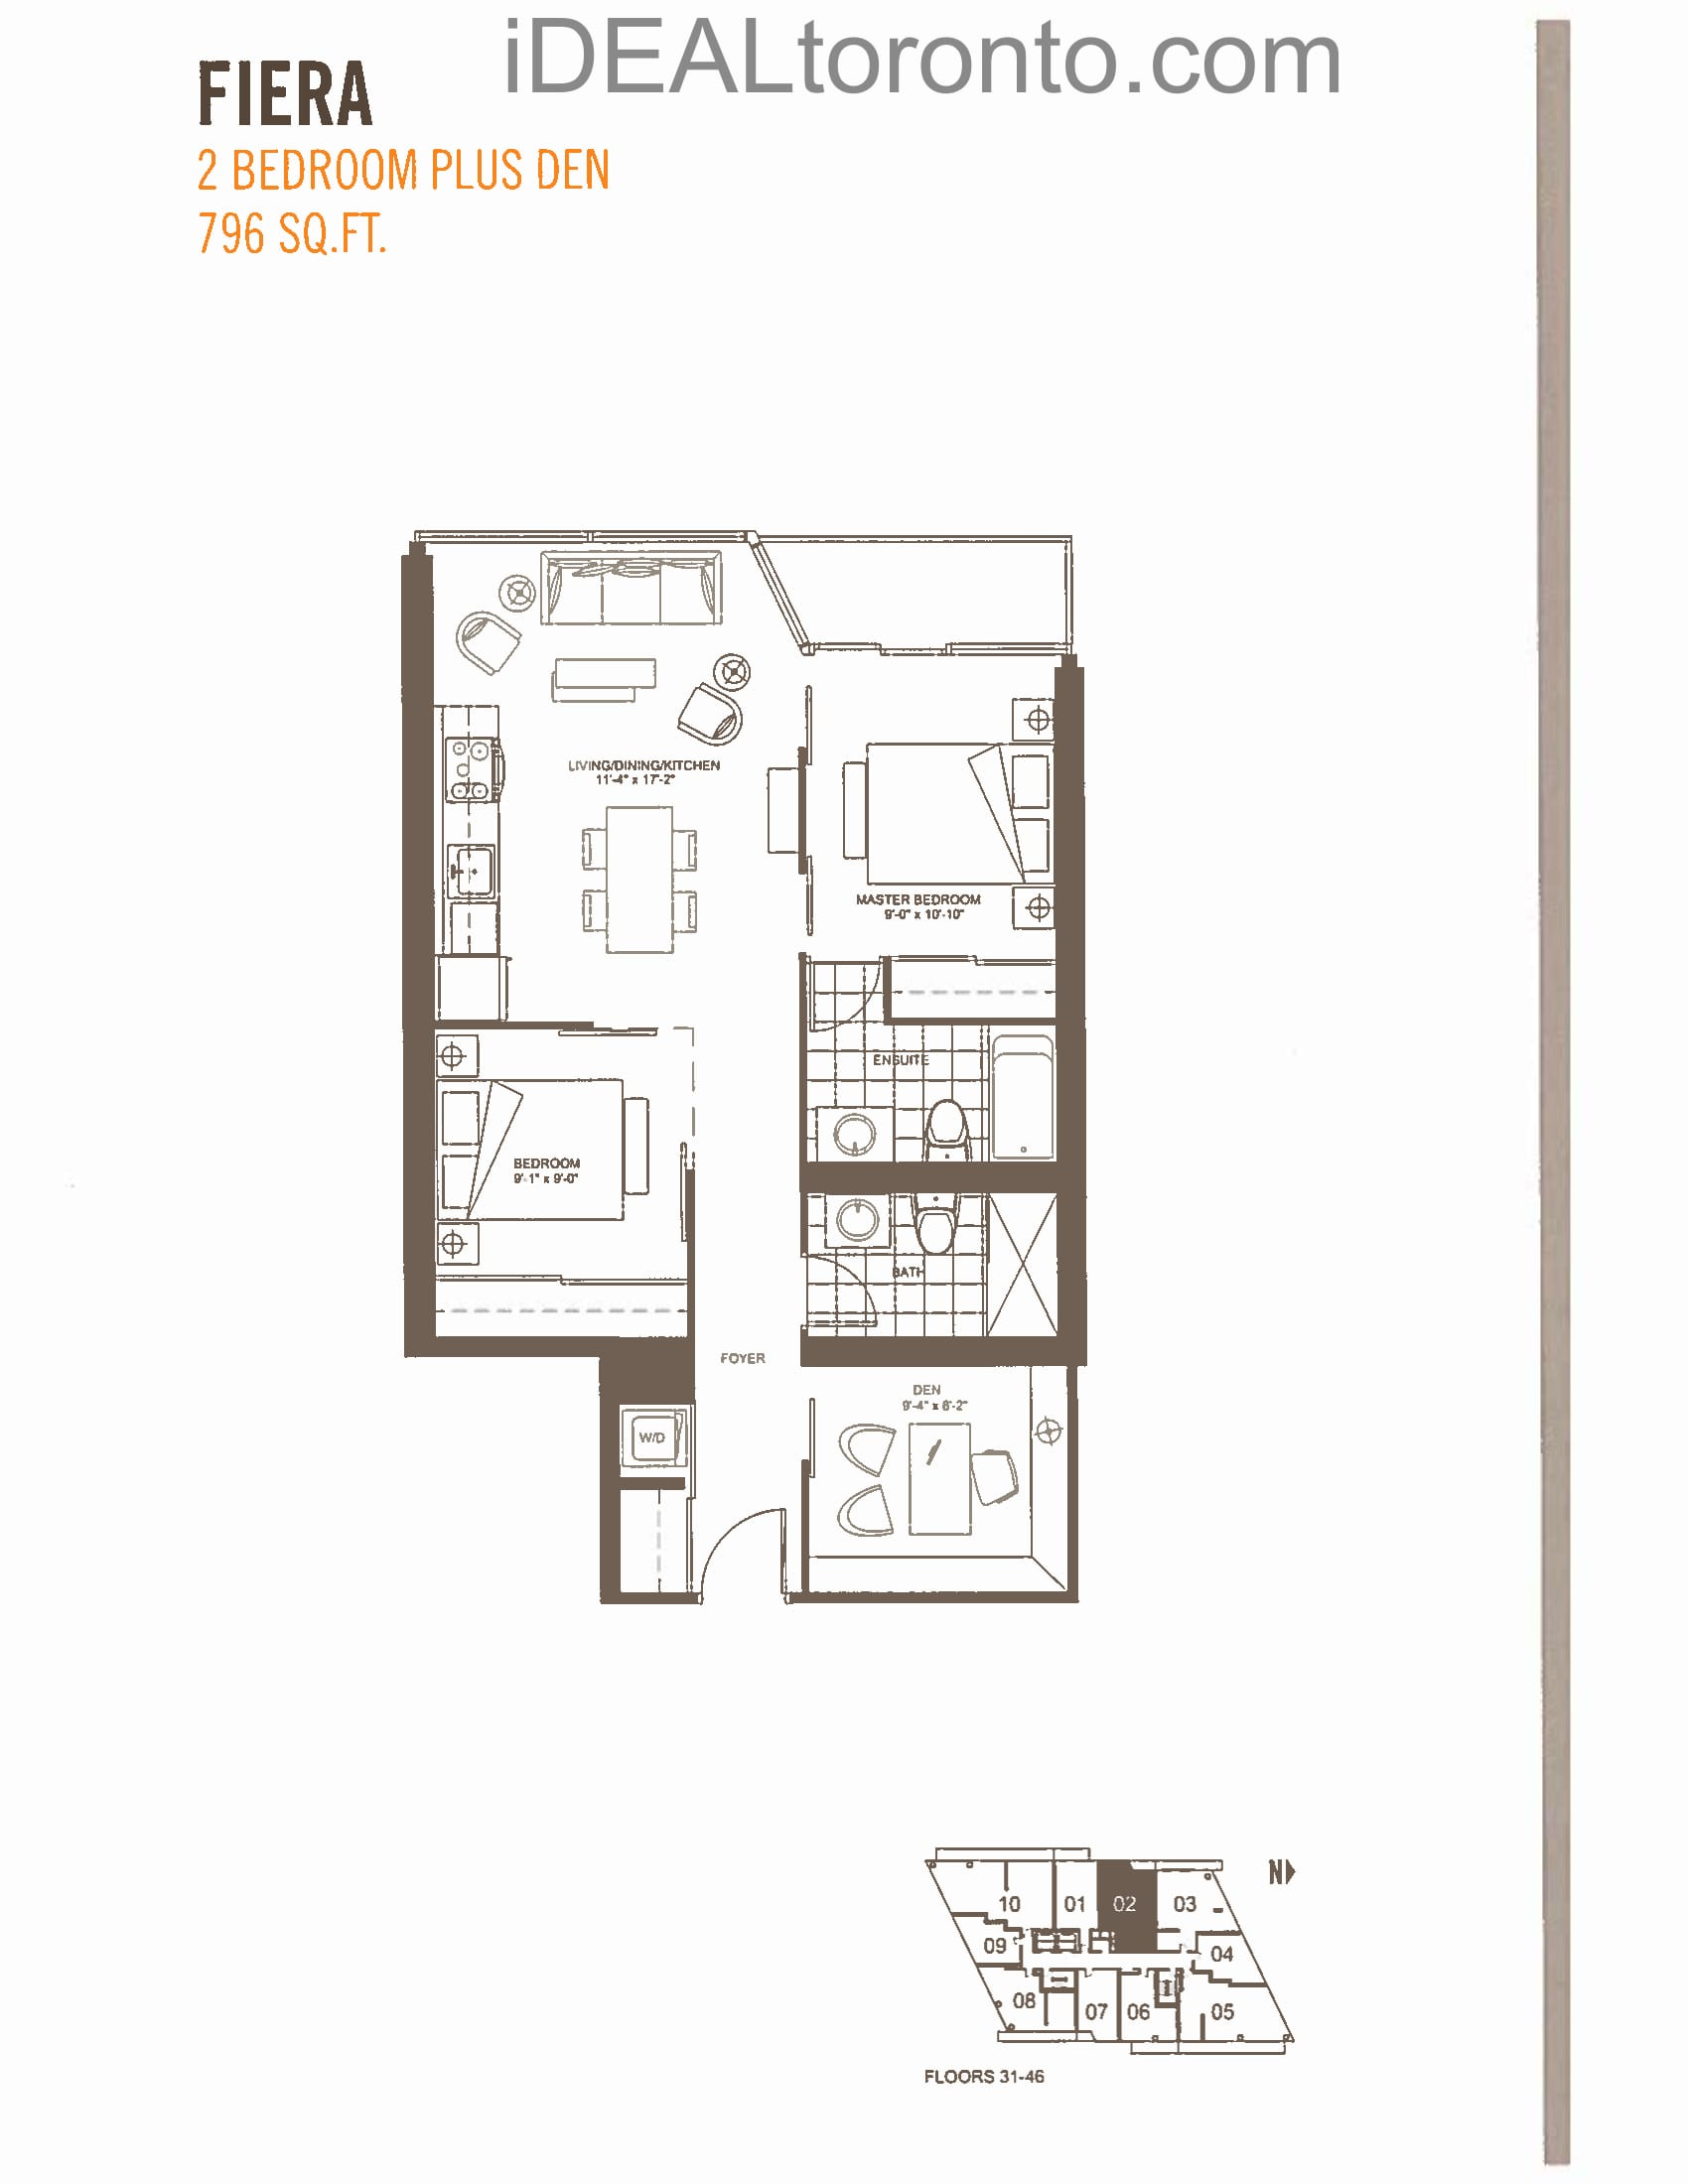 Fiera: 2+1 Bedroom,W, 796 SqFt